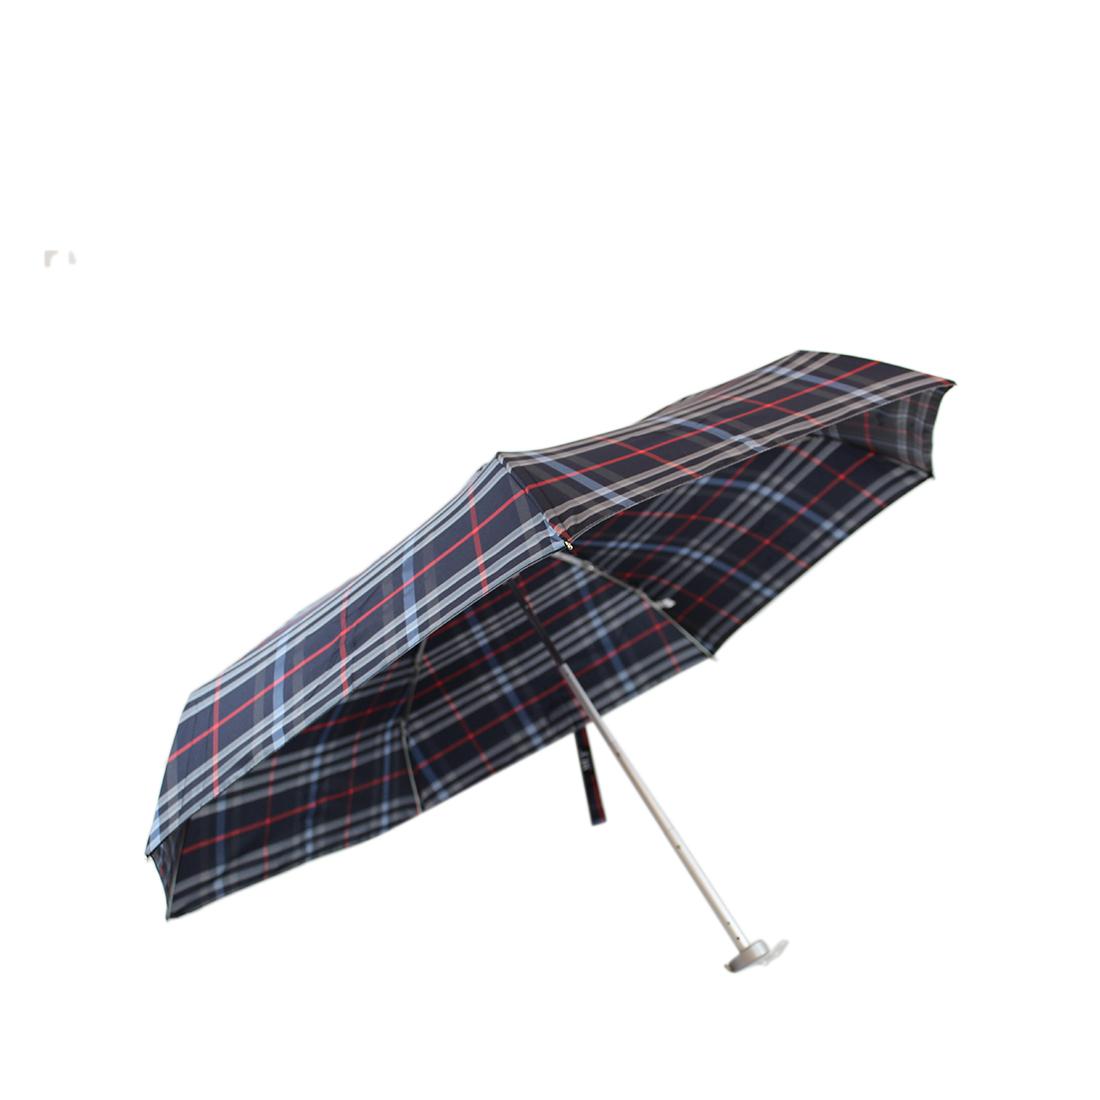 Super small checked umbrella